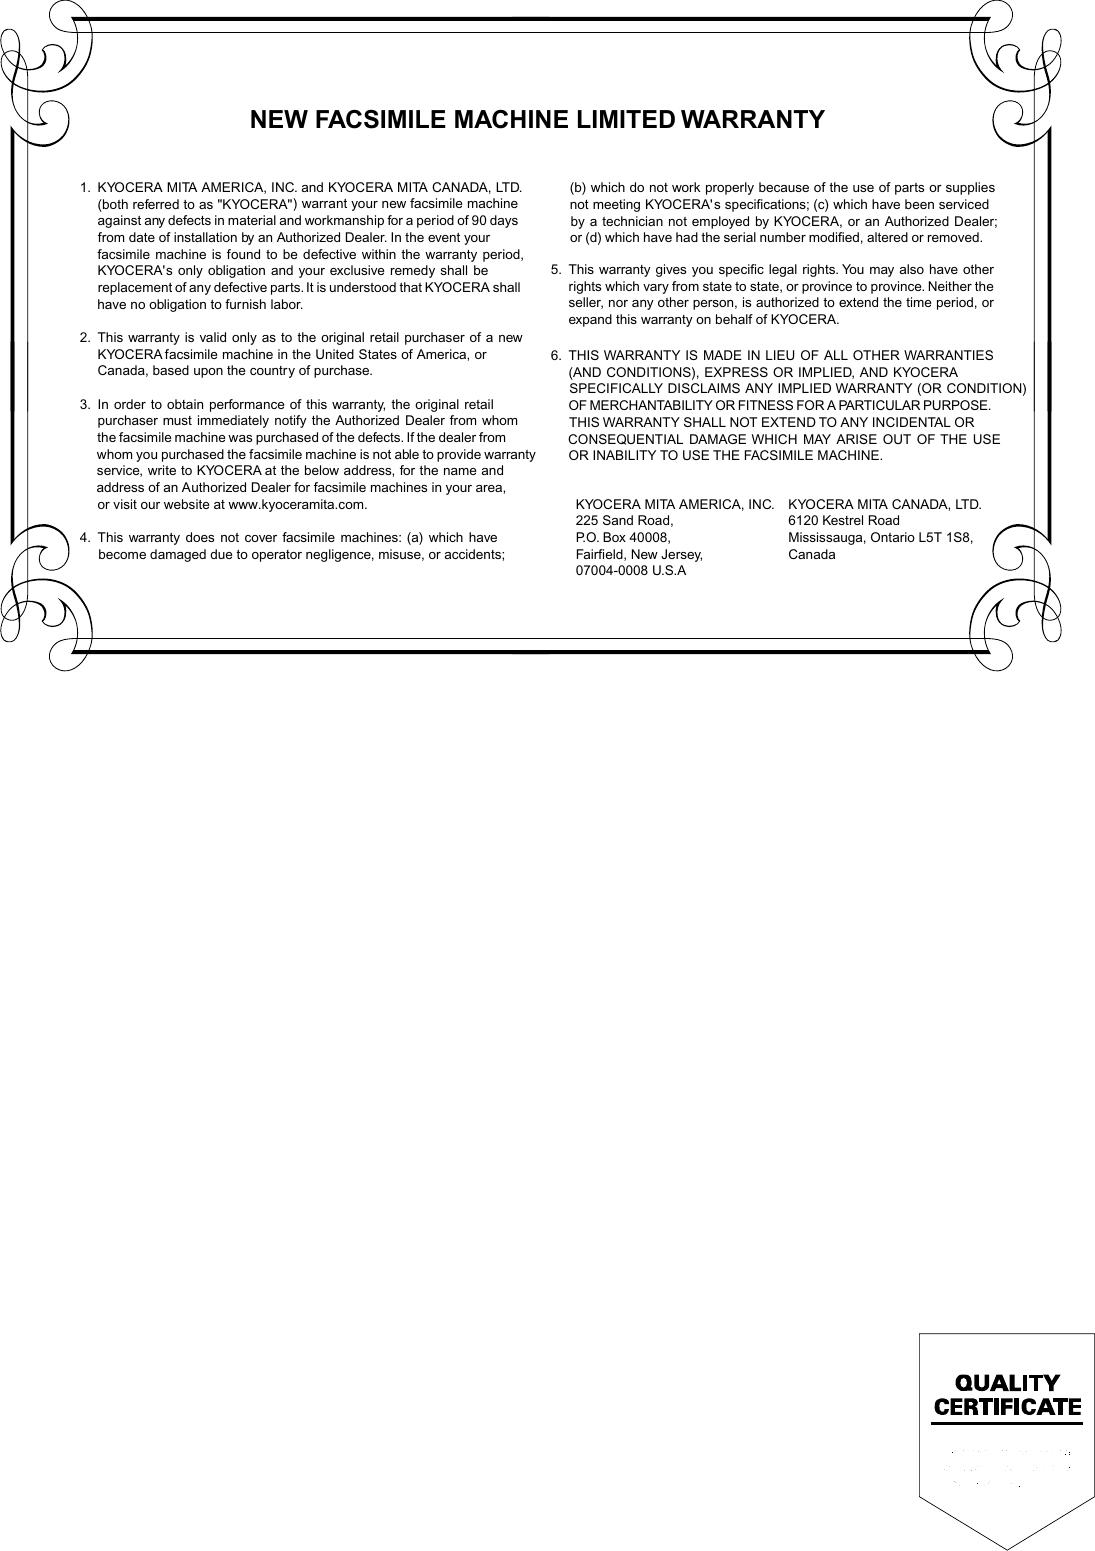 Kyocera Km F1060 Users Manual PJQQC0017ZD_AJ_IFAX_Quick_USA